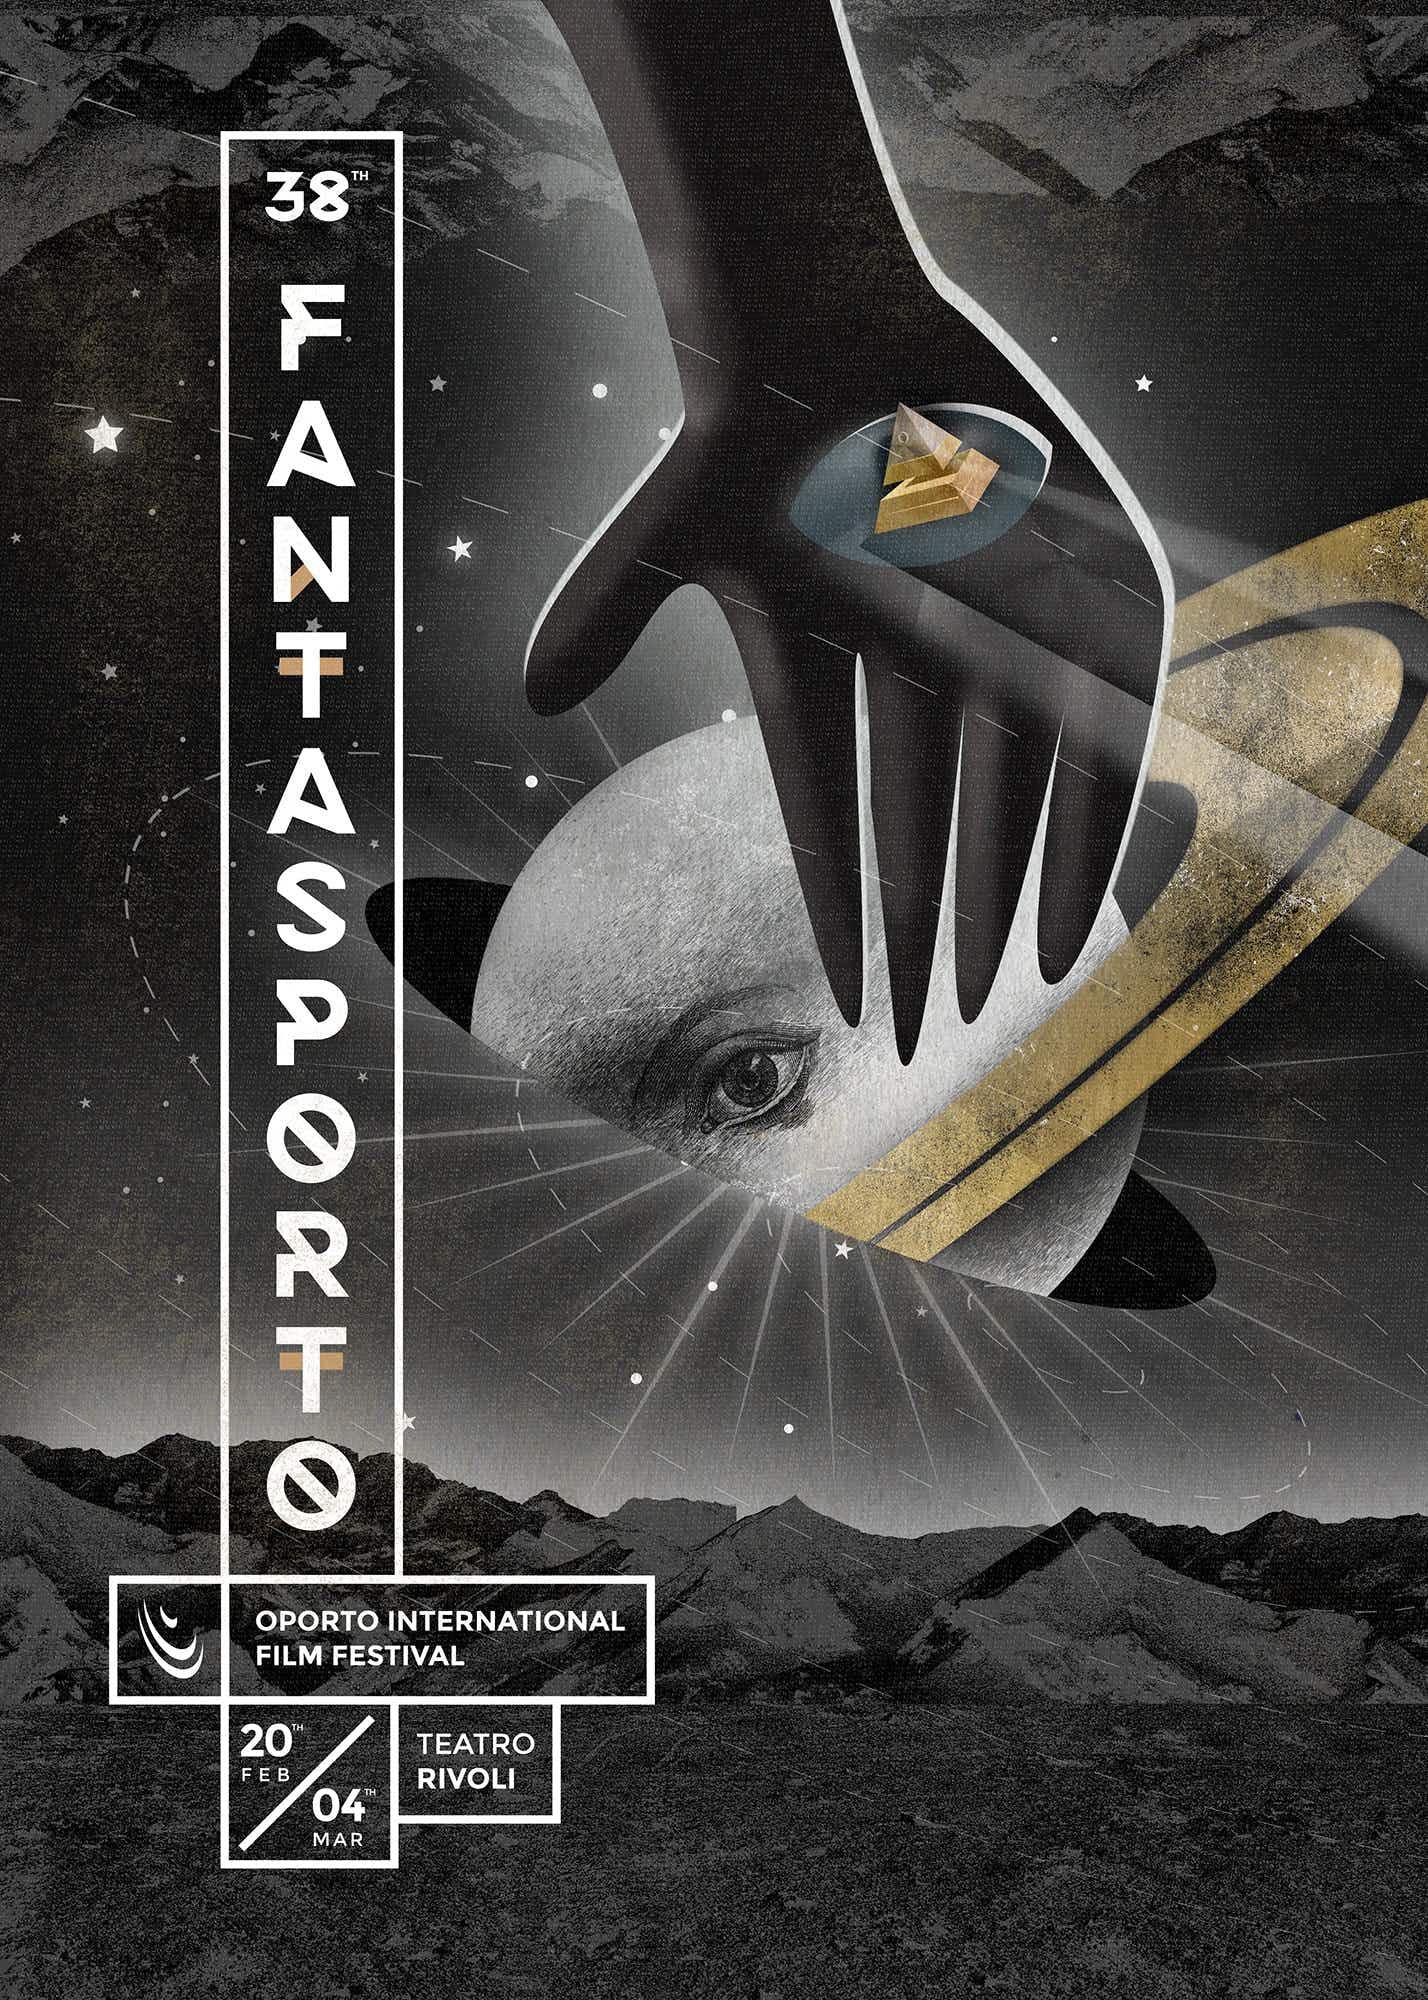 Get your fantasy, sci-fi and horror films fill at Porto's Fantasporto